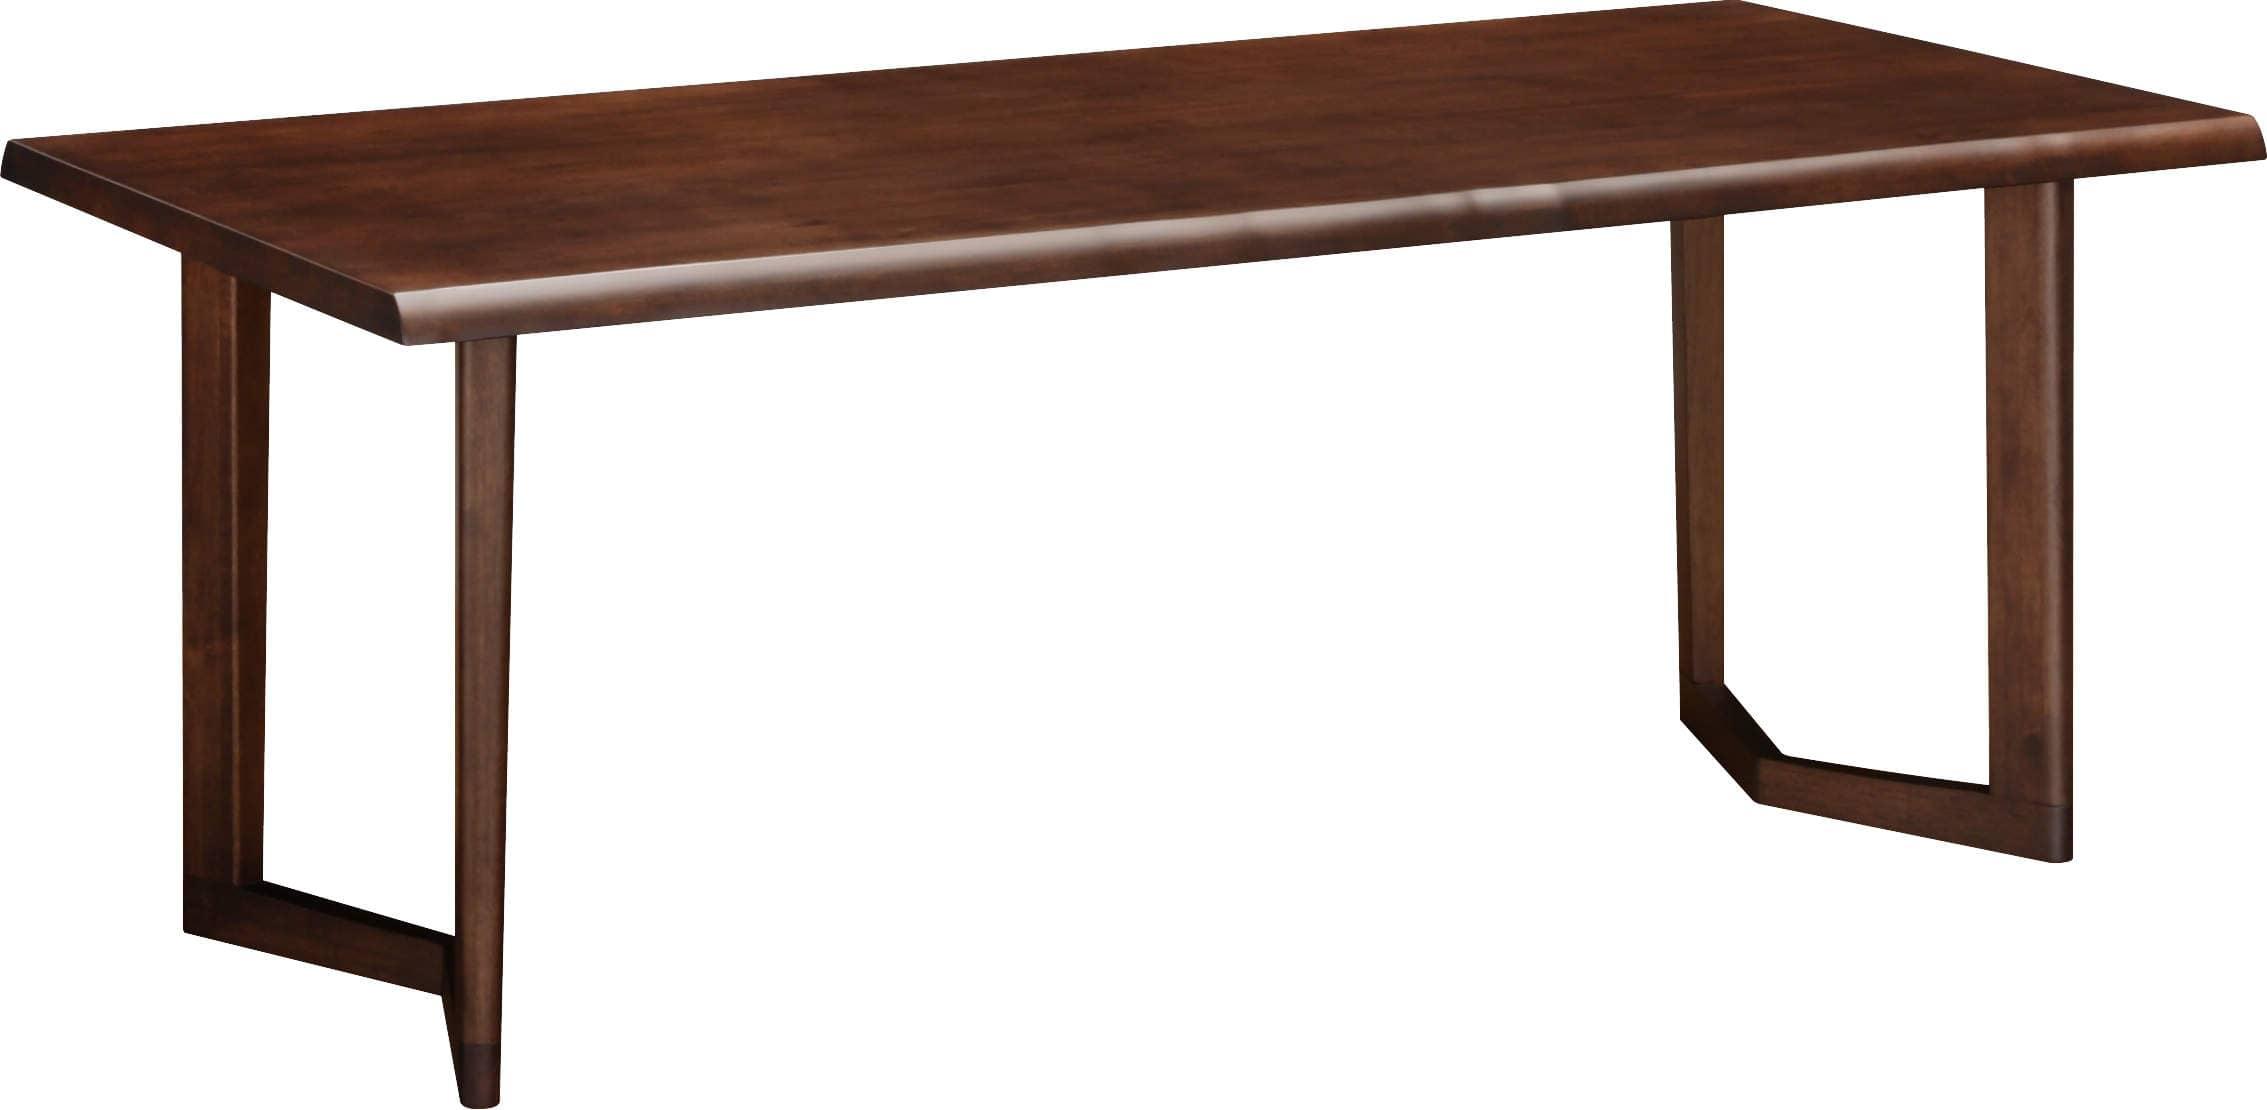 カリモク ダイニングテーブル シトラス180(2本脚) D18632NKG※ノタ面(モカブラウンP色)